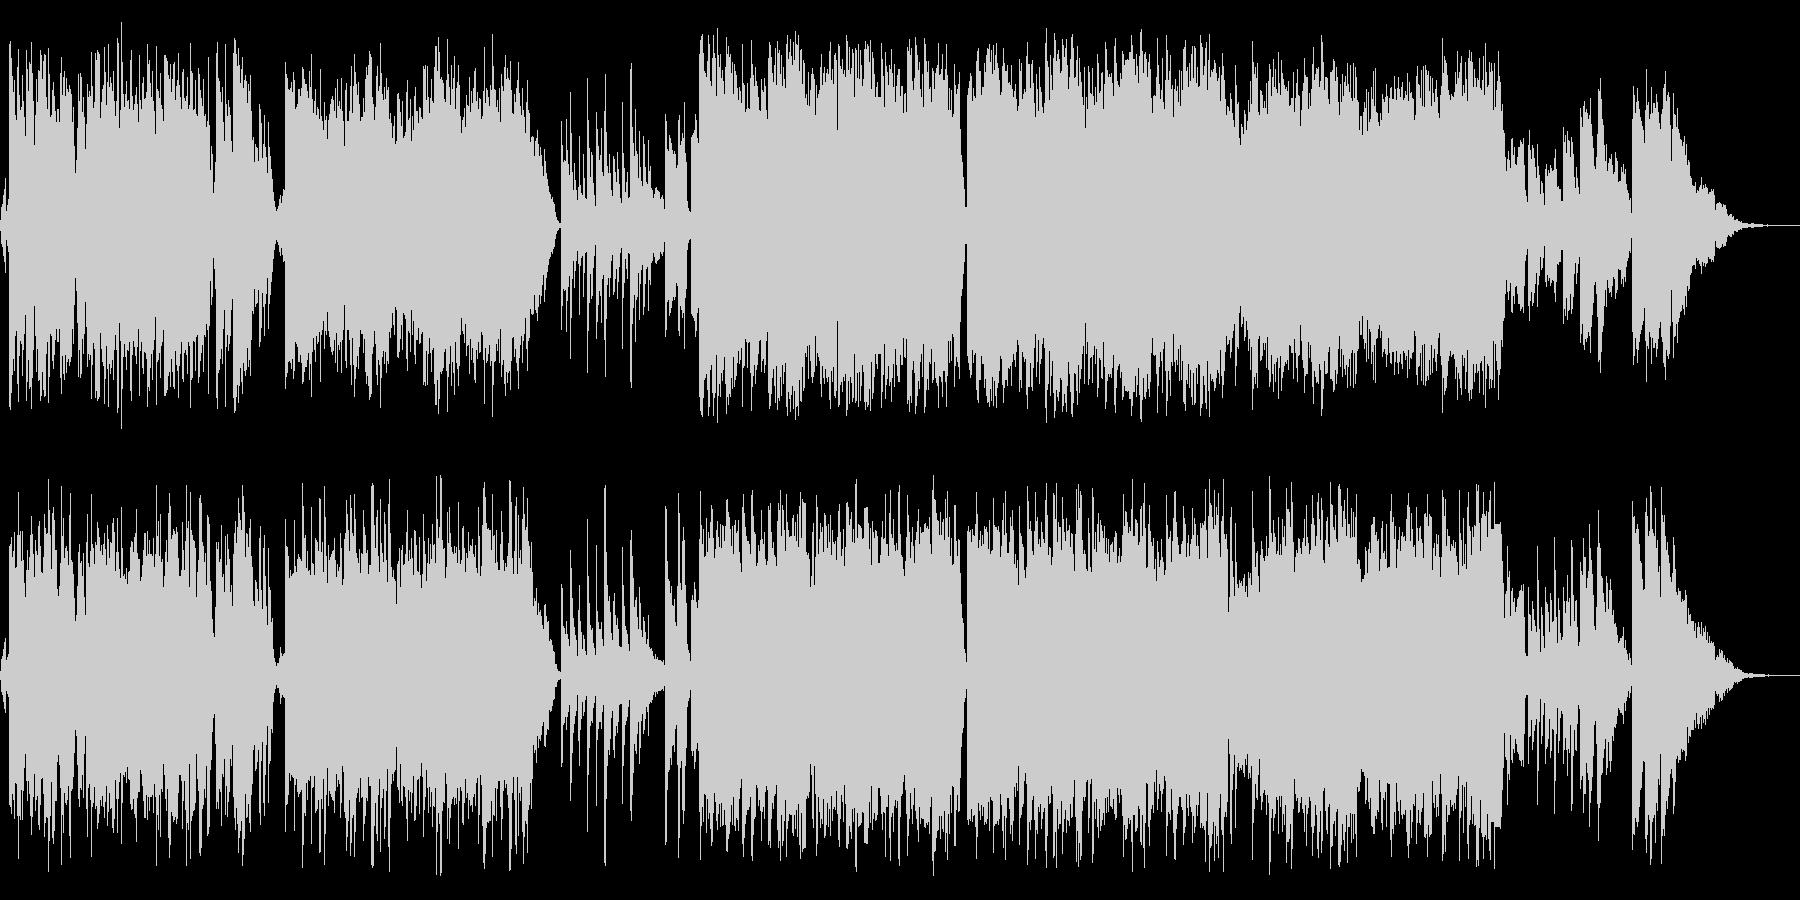 感動的な琴とバイオリンの和風バラードcの未再生の波形